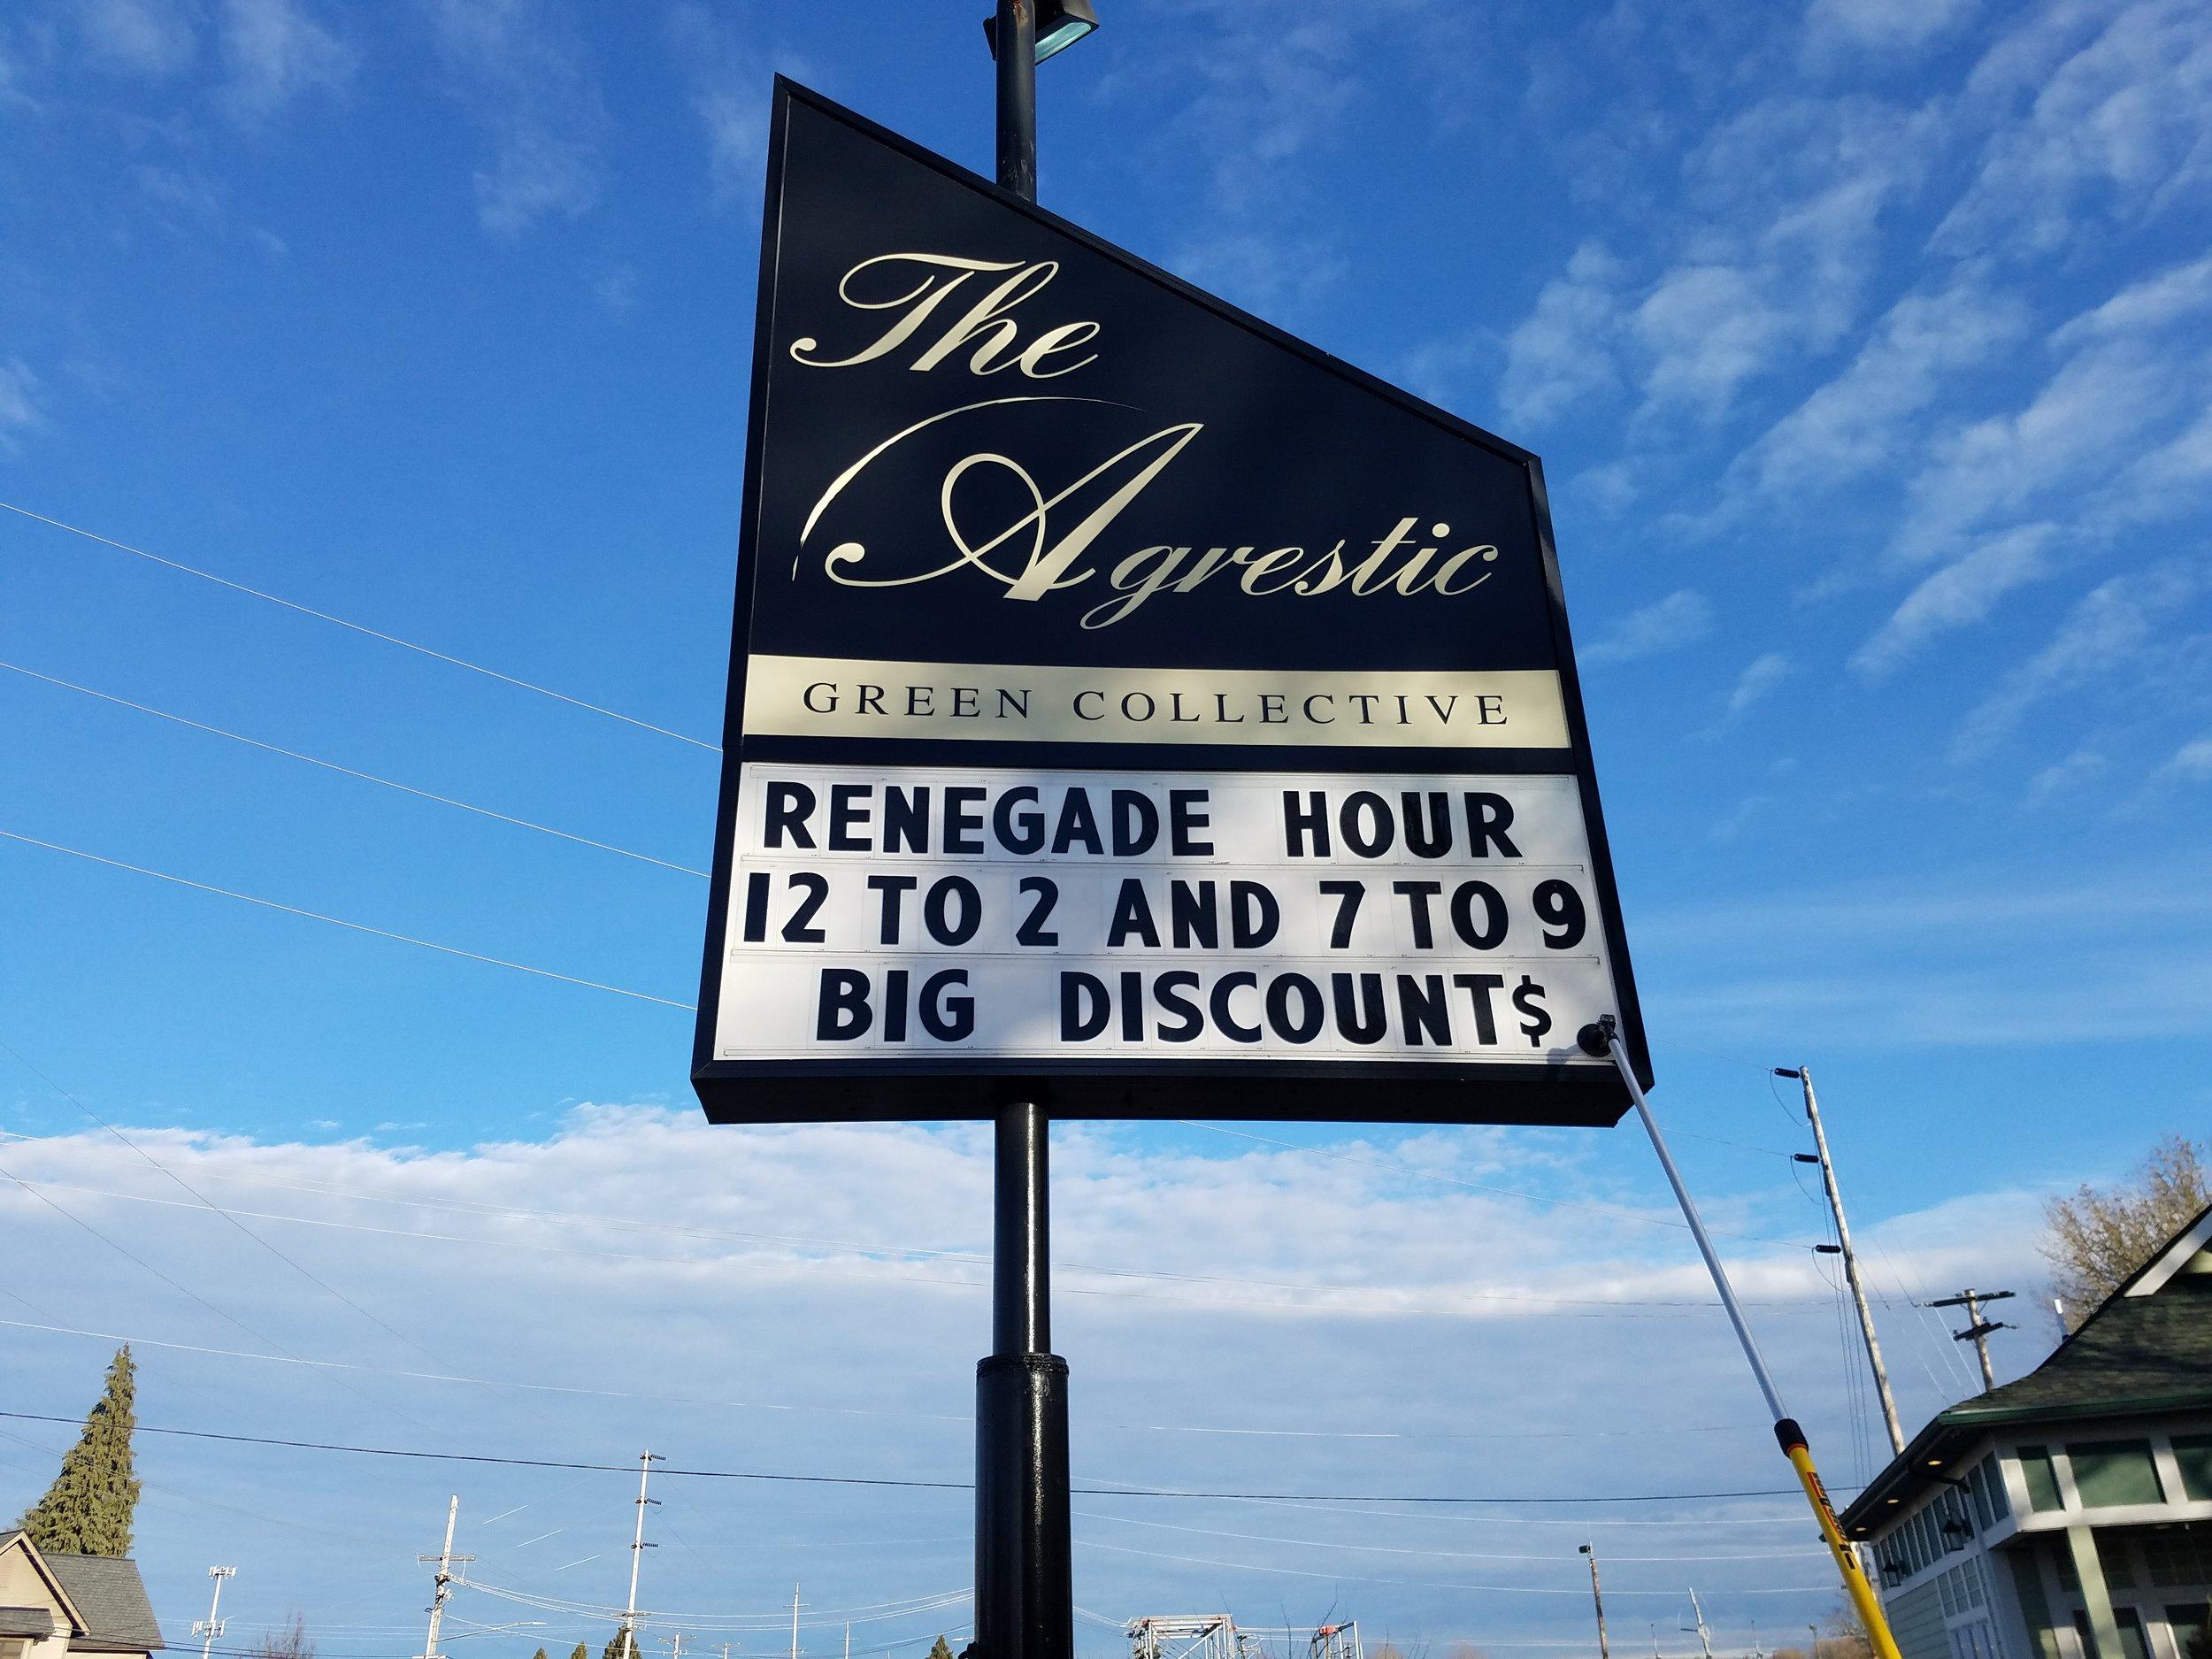 Renegade Hour